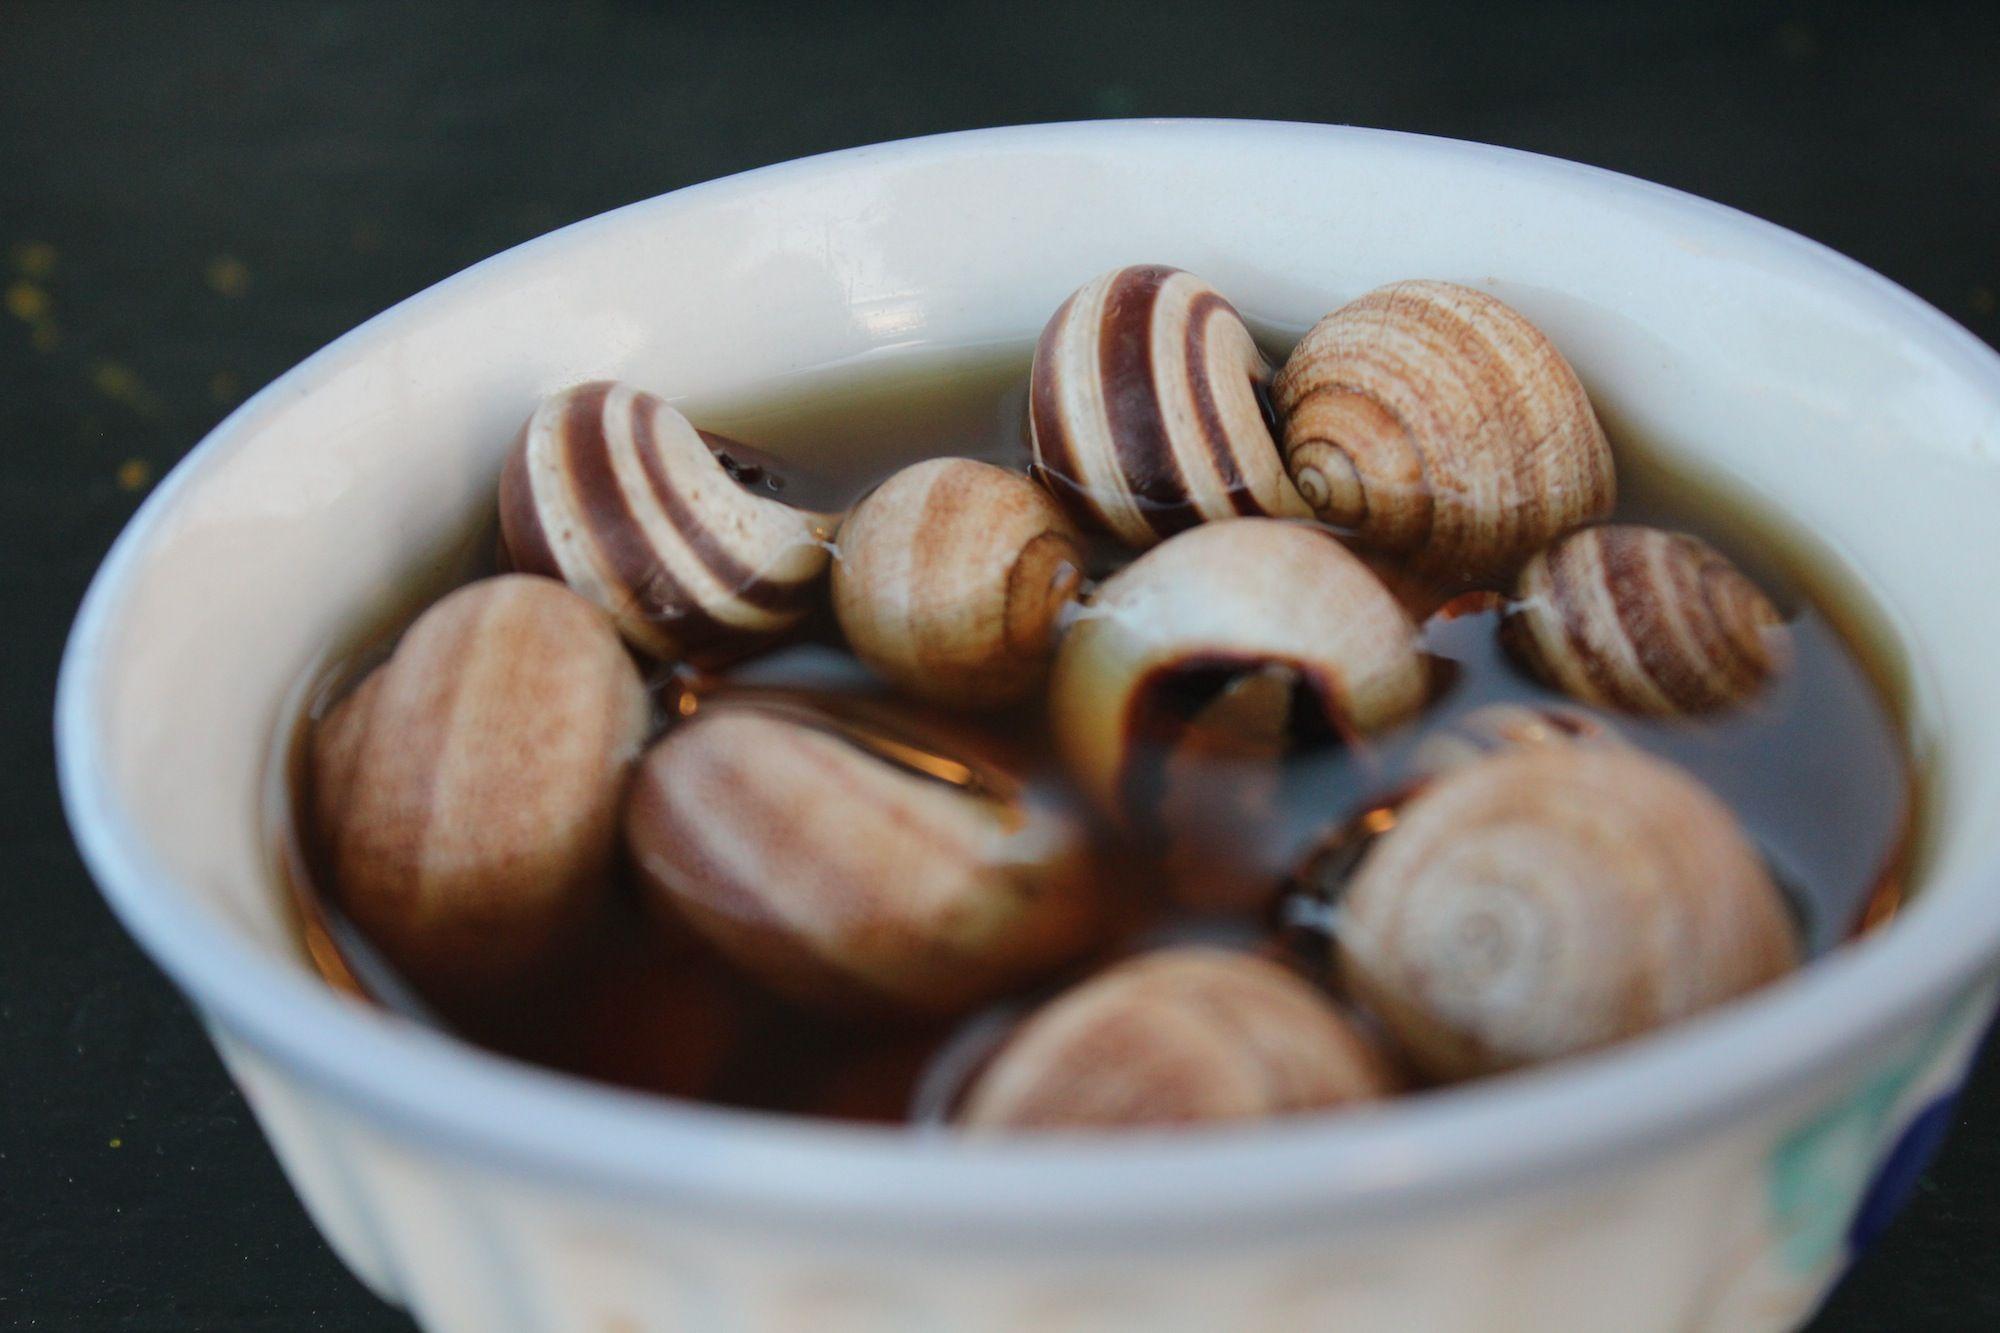 Snails in jamma el fna morocco escargot caracoles snails snails in jamma el fna morocco forumfinder Images